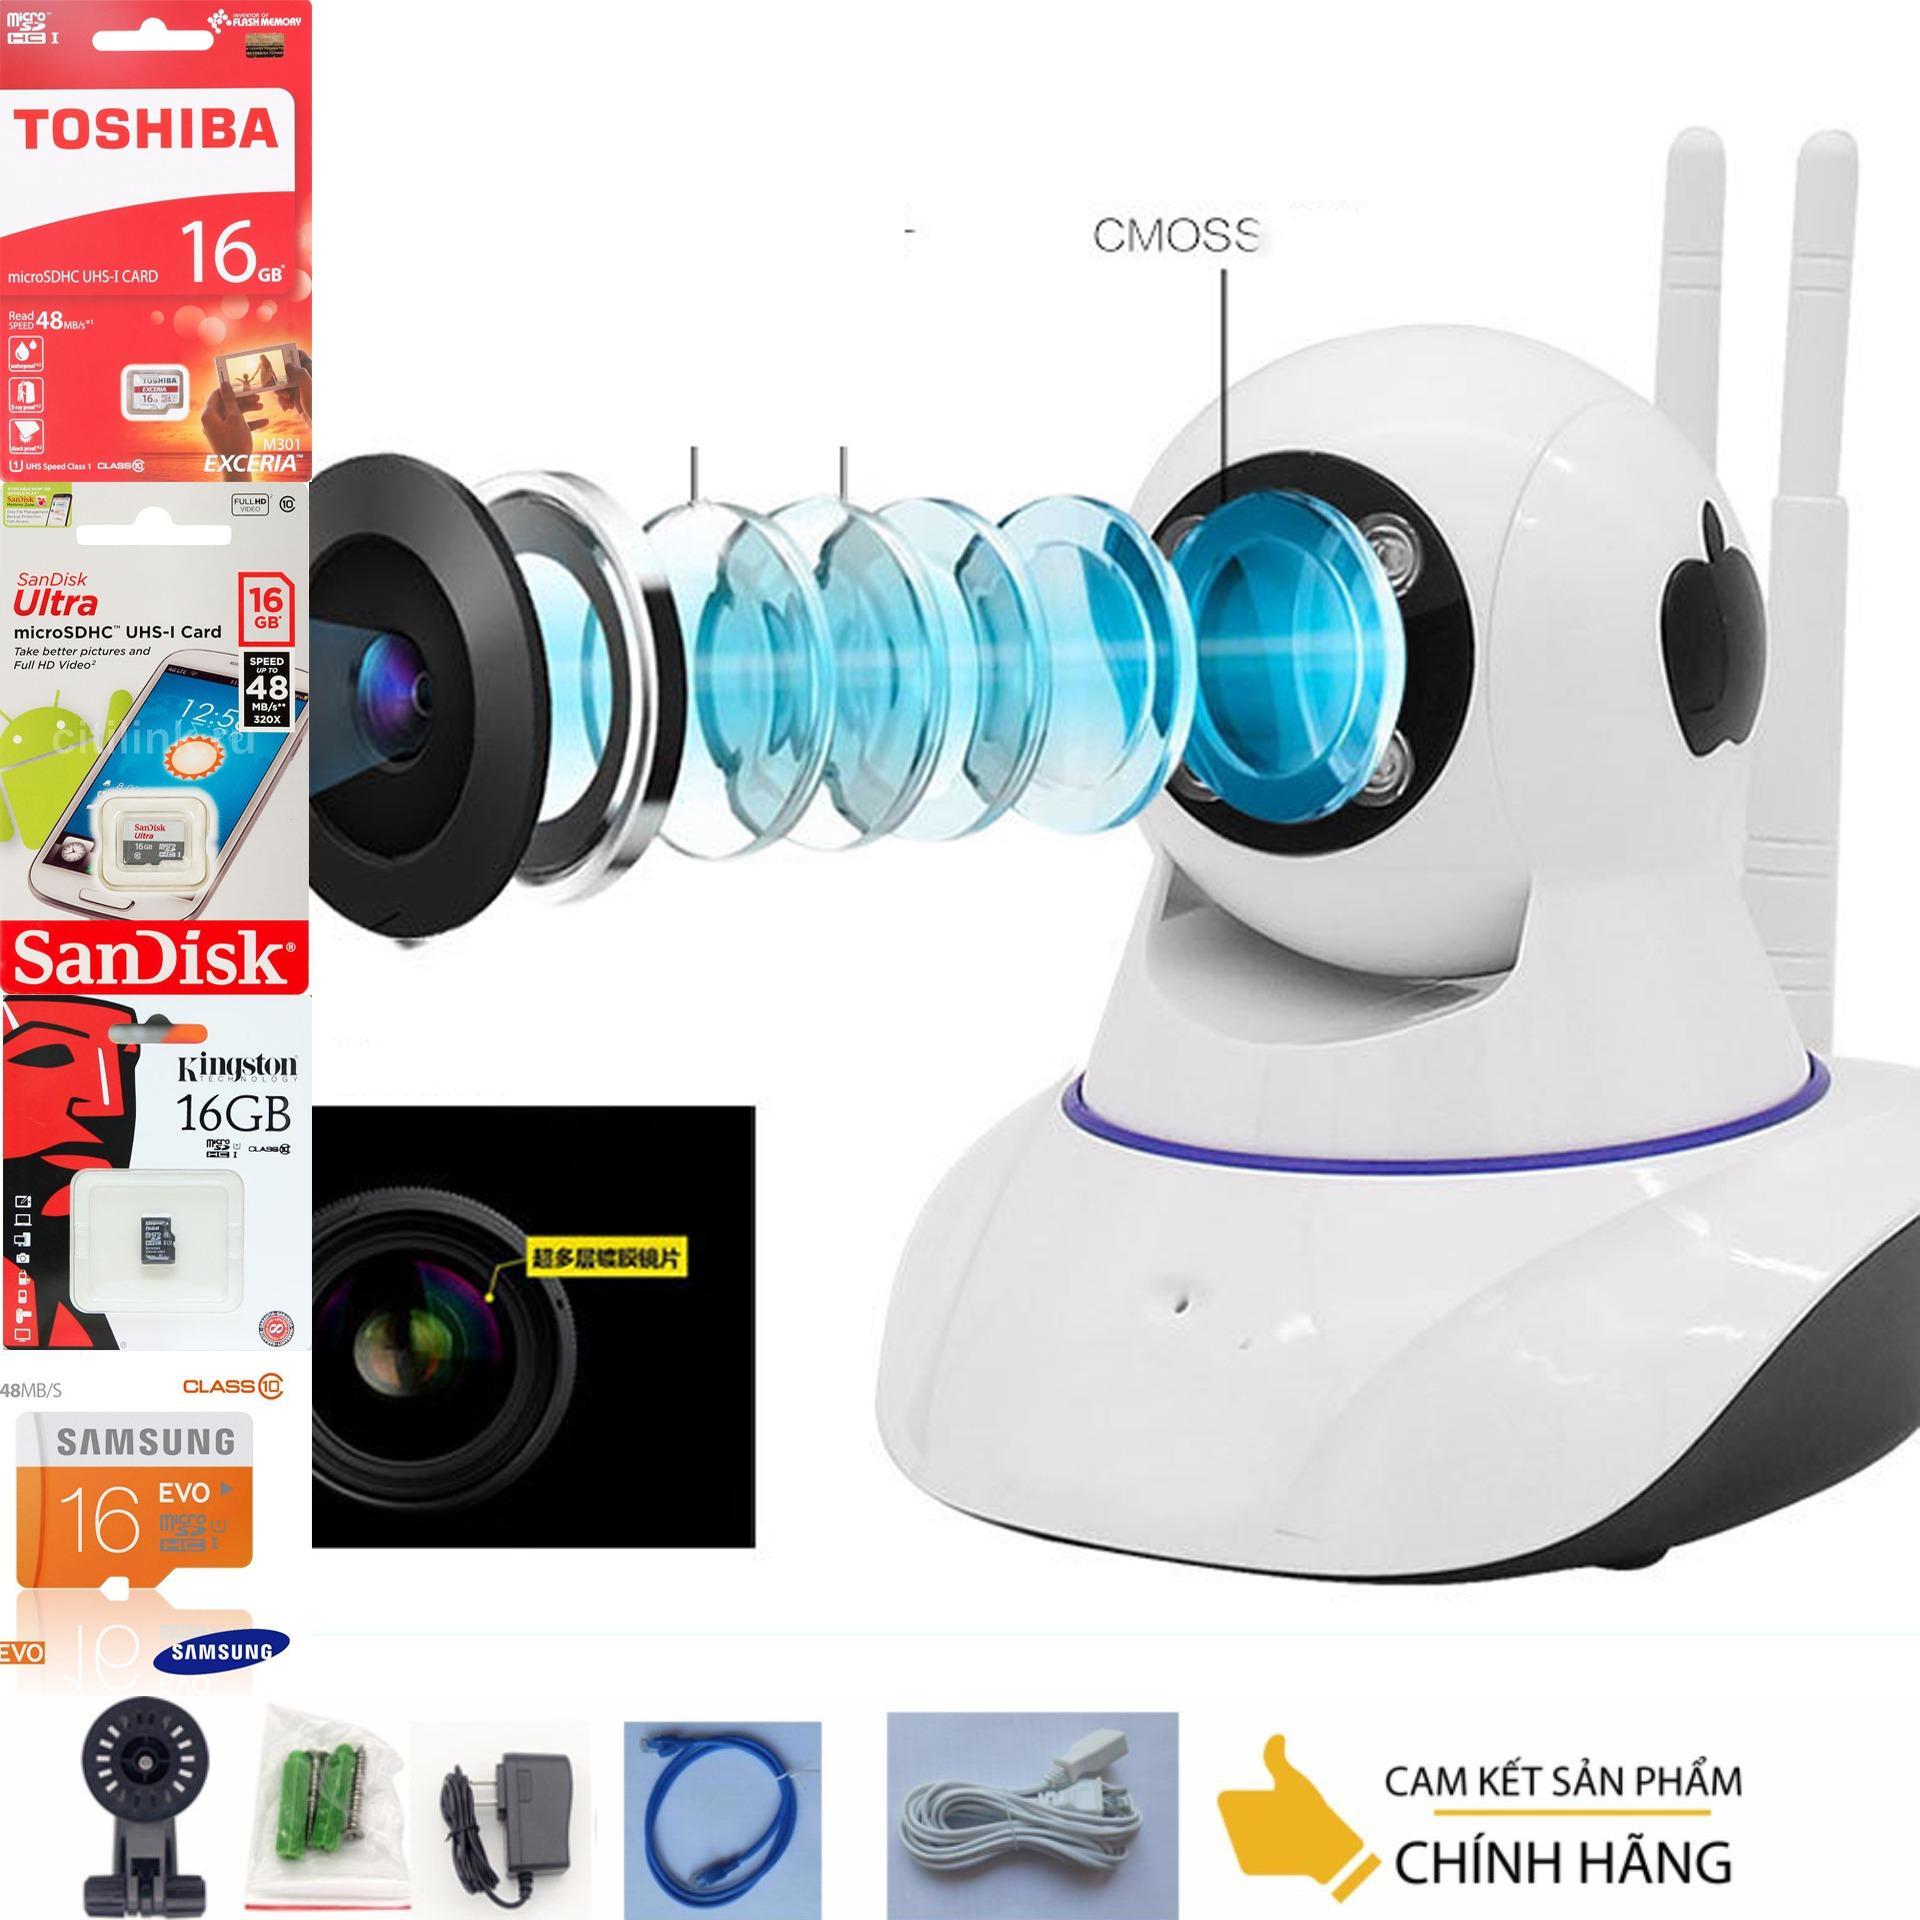 Camera vantech gia re – YOOSEE wifi Siêu nét FULL HD 1920×1080 MỚI NHẤT + THẺ NHỚ 16G CLASS 10 – bh 1 đổi 1 TECH-ONE